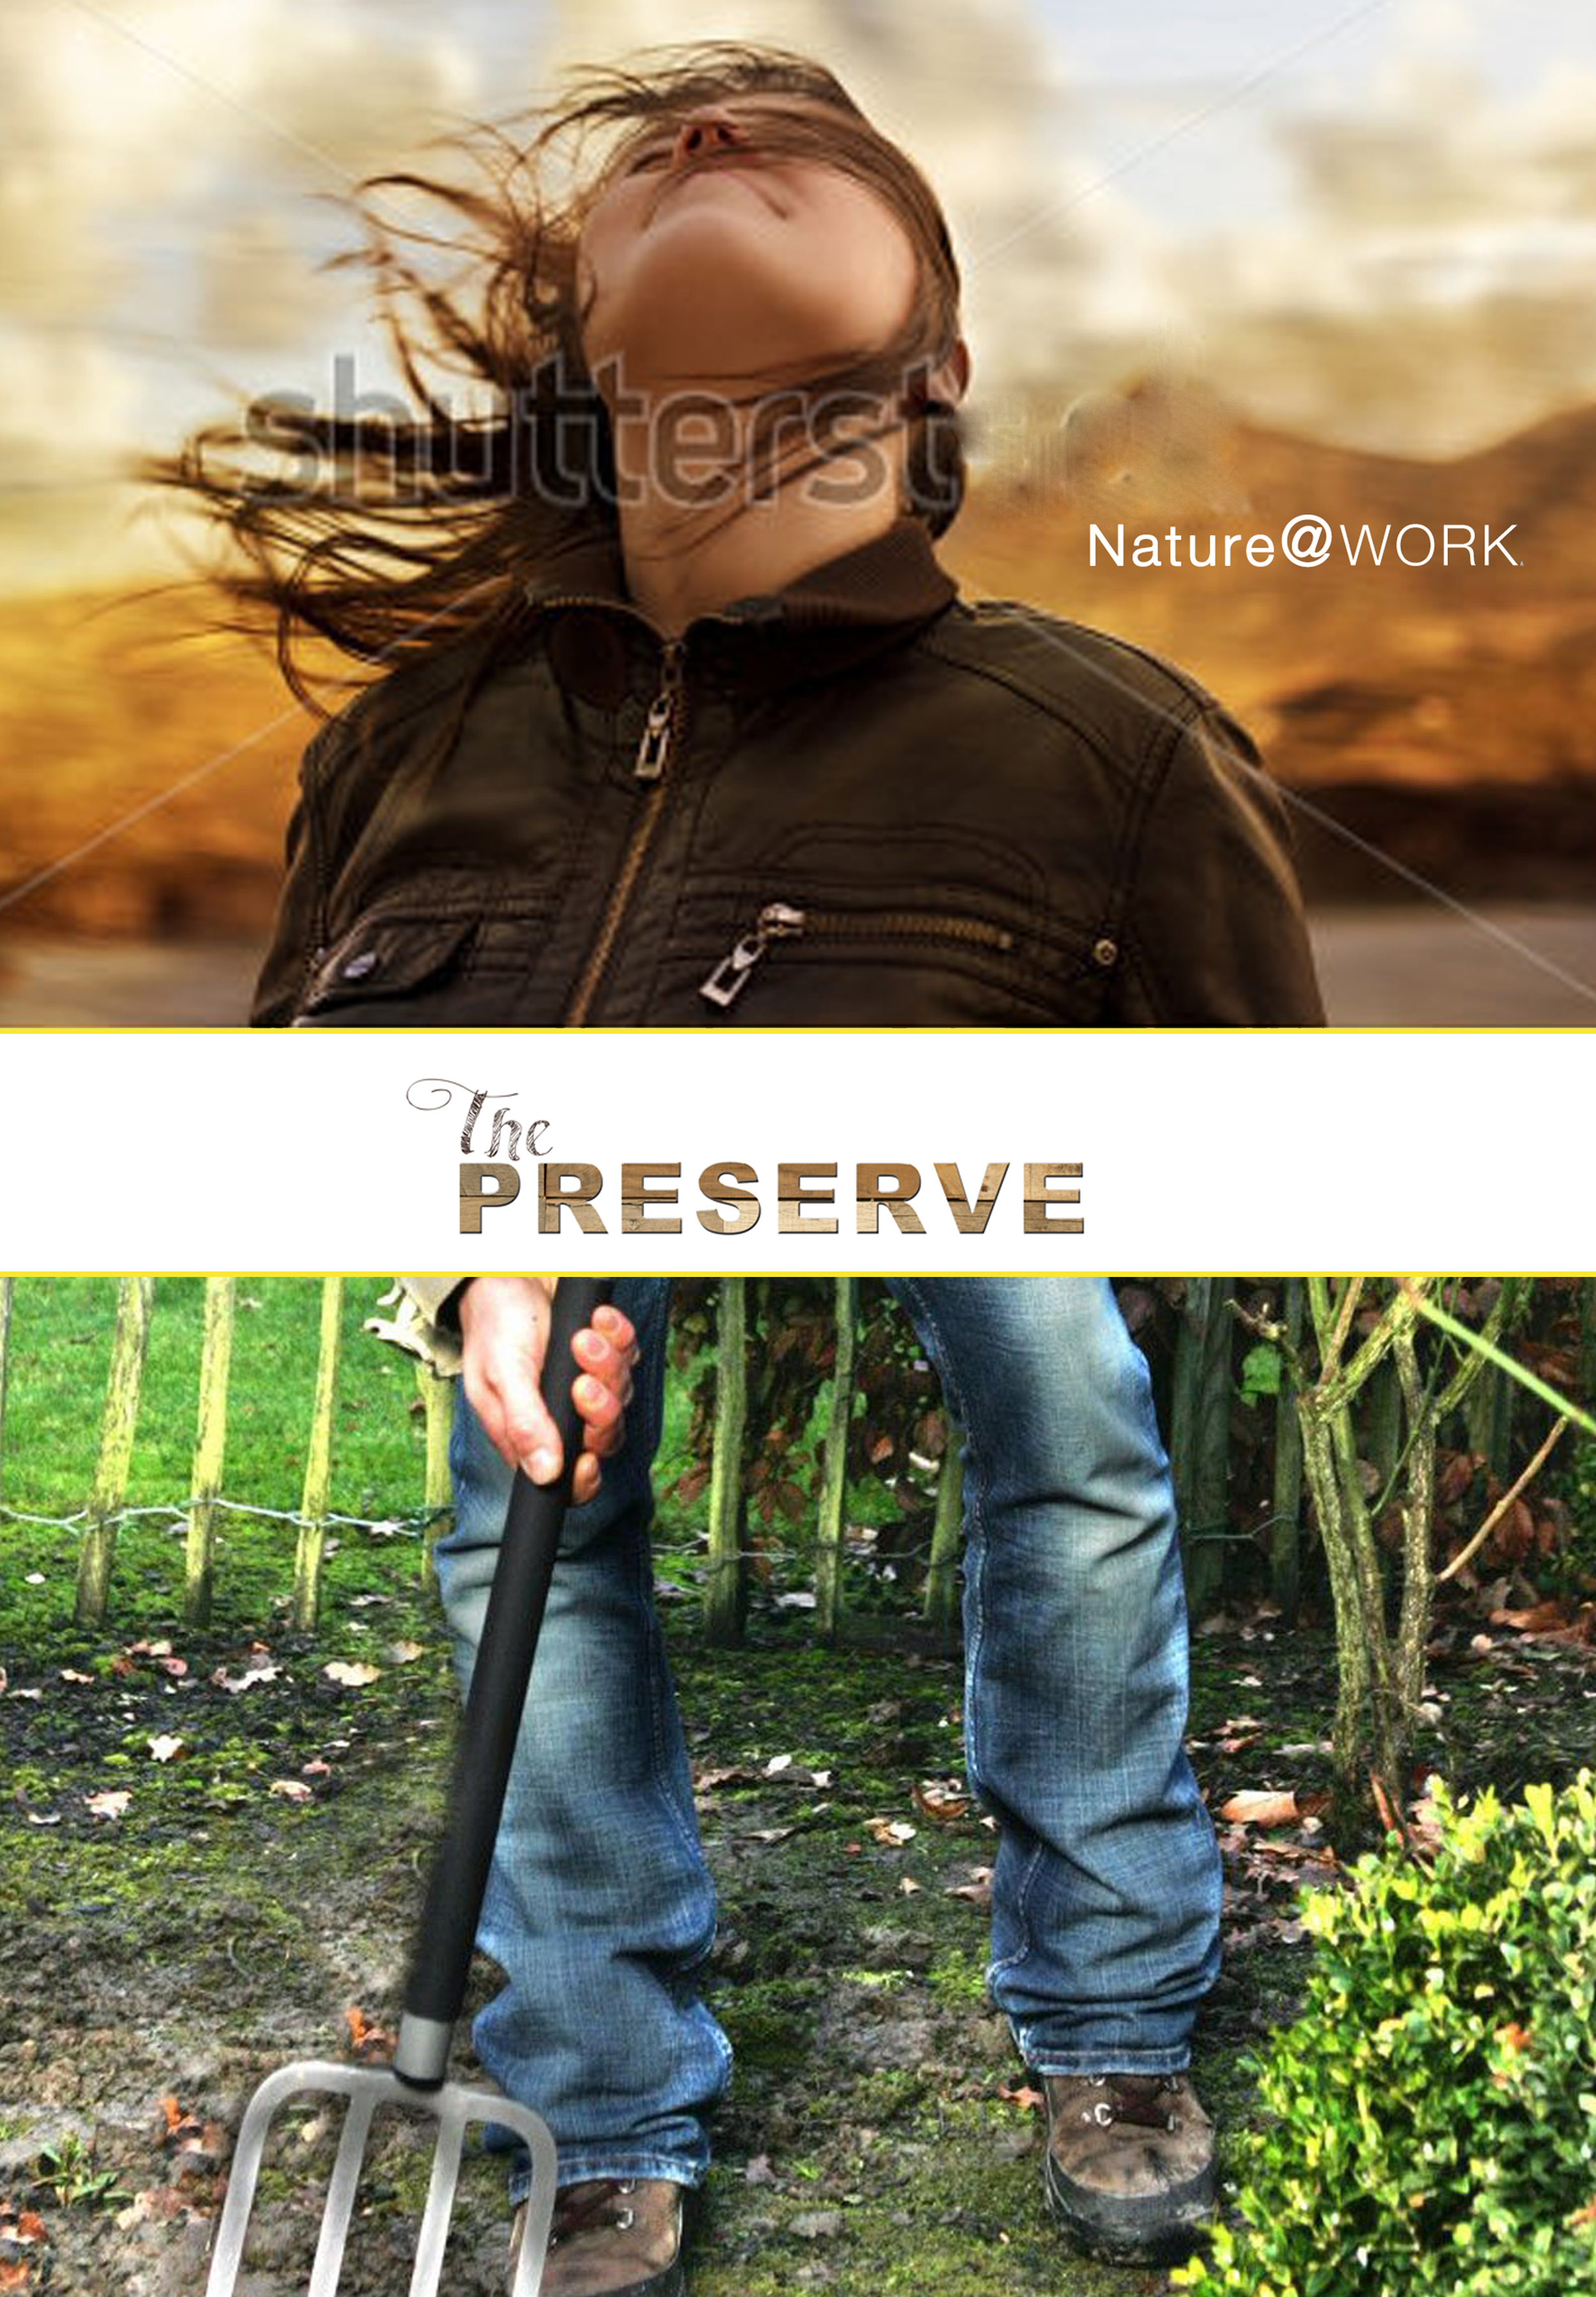 ThePerserve4-1.jpg